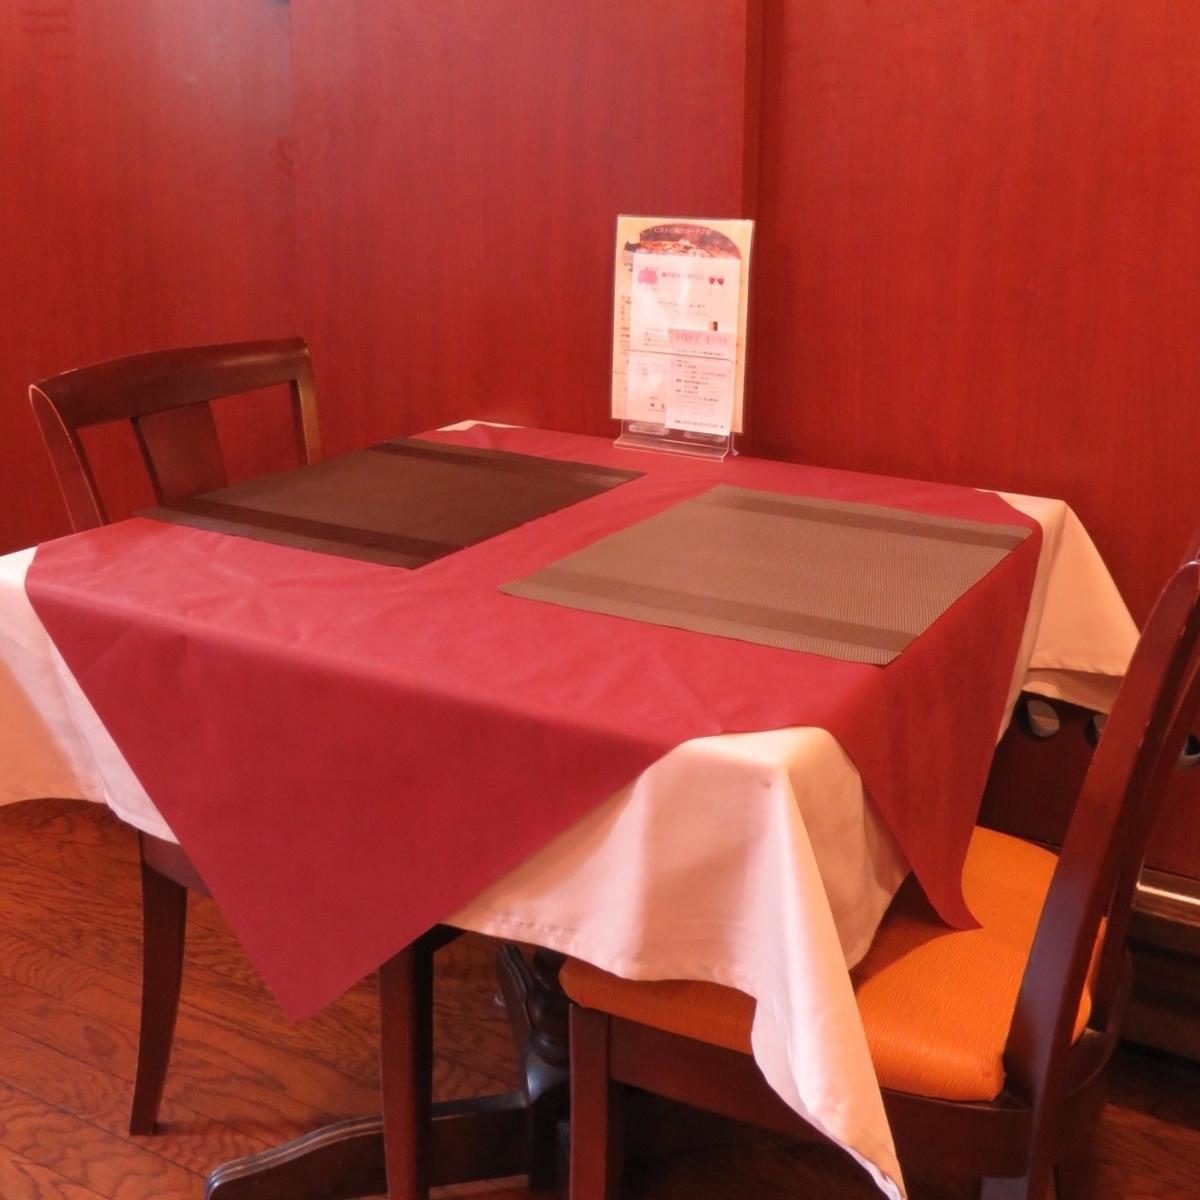 建议约会夫妇或情侣♪桌椅两个座位。请在小酒馆风格中度过一个特别的时刻。